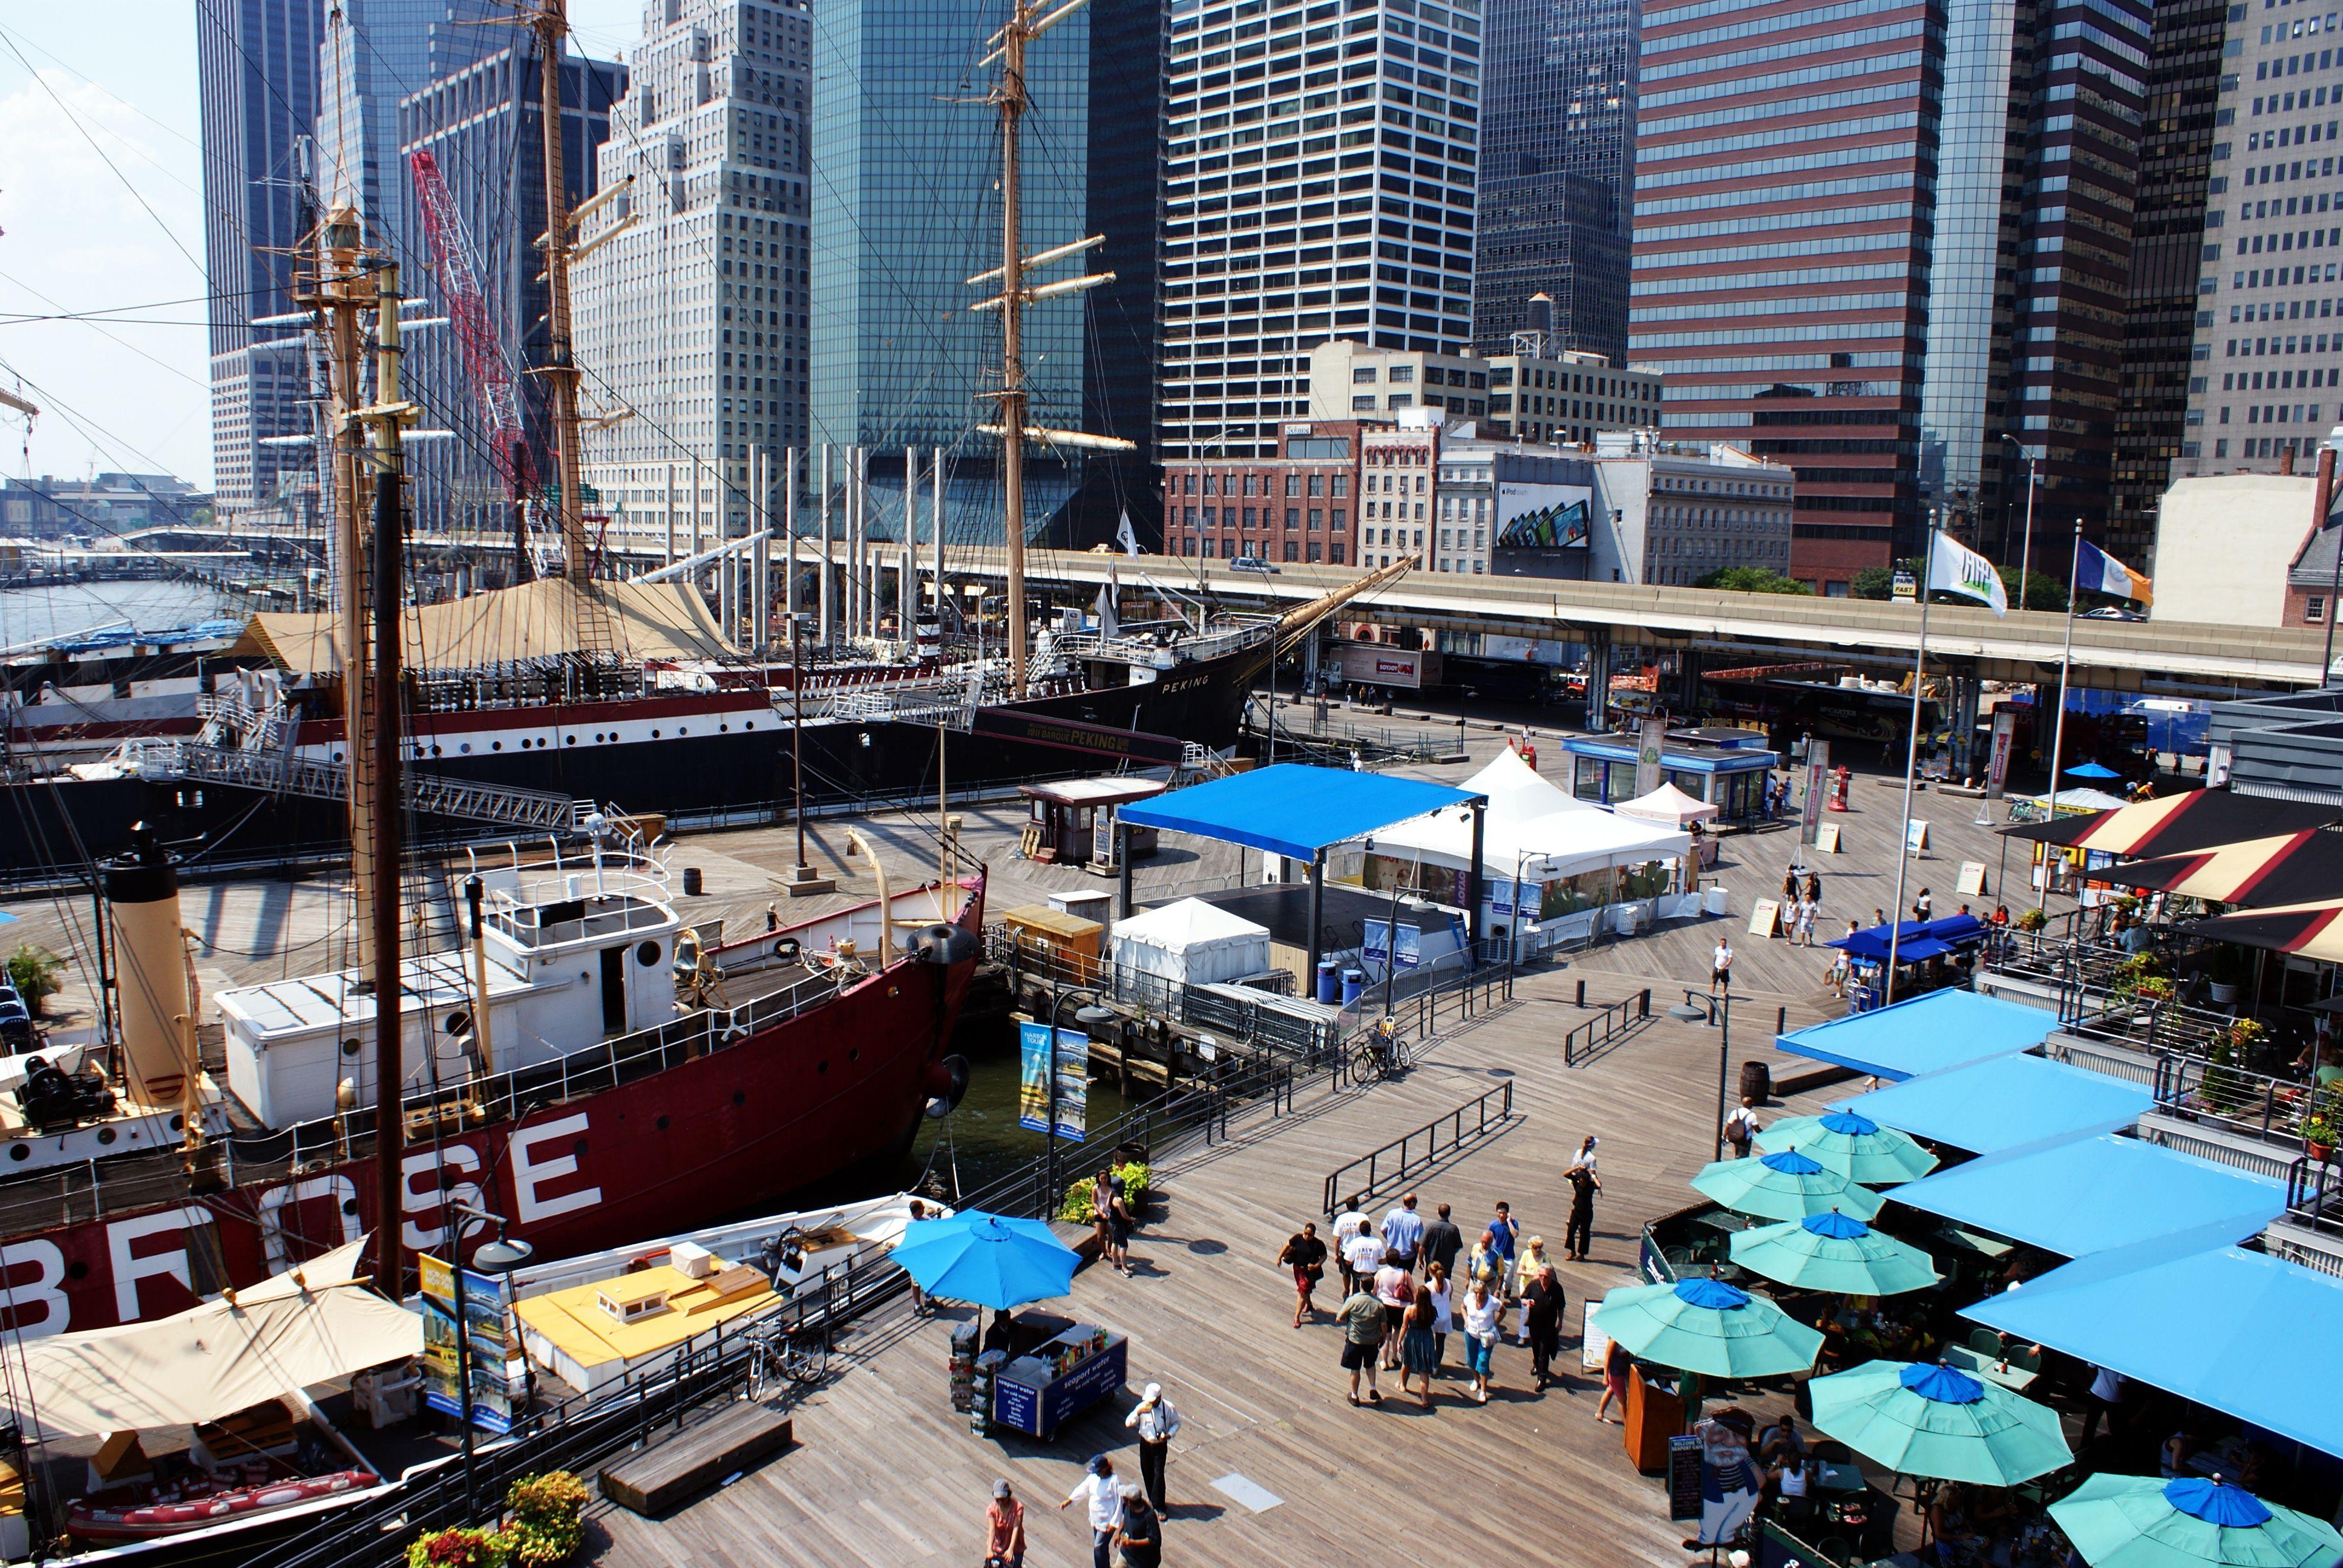 未来将会迎来大规模开发建设的曼哈顿下城北侧的南街海港历史街区